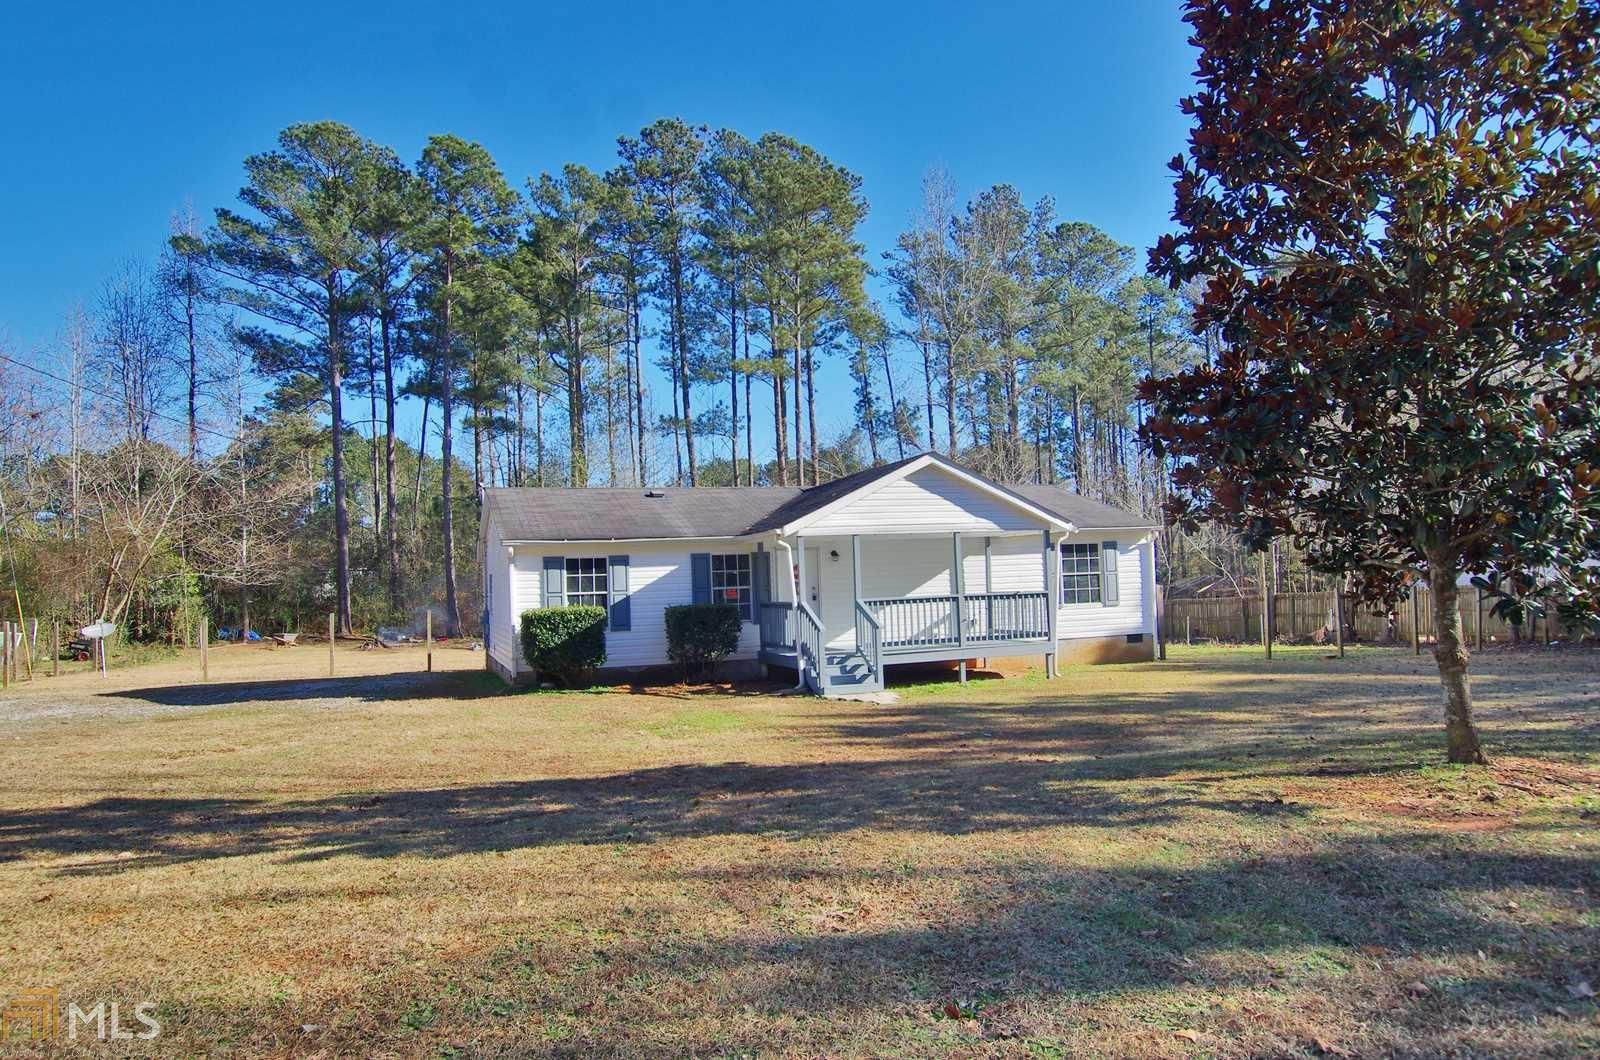 270 Steele Dr, Hampton, GA 30228 - MLS#: 8906178